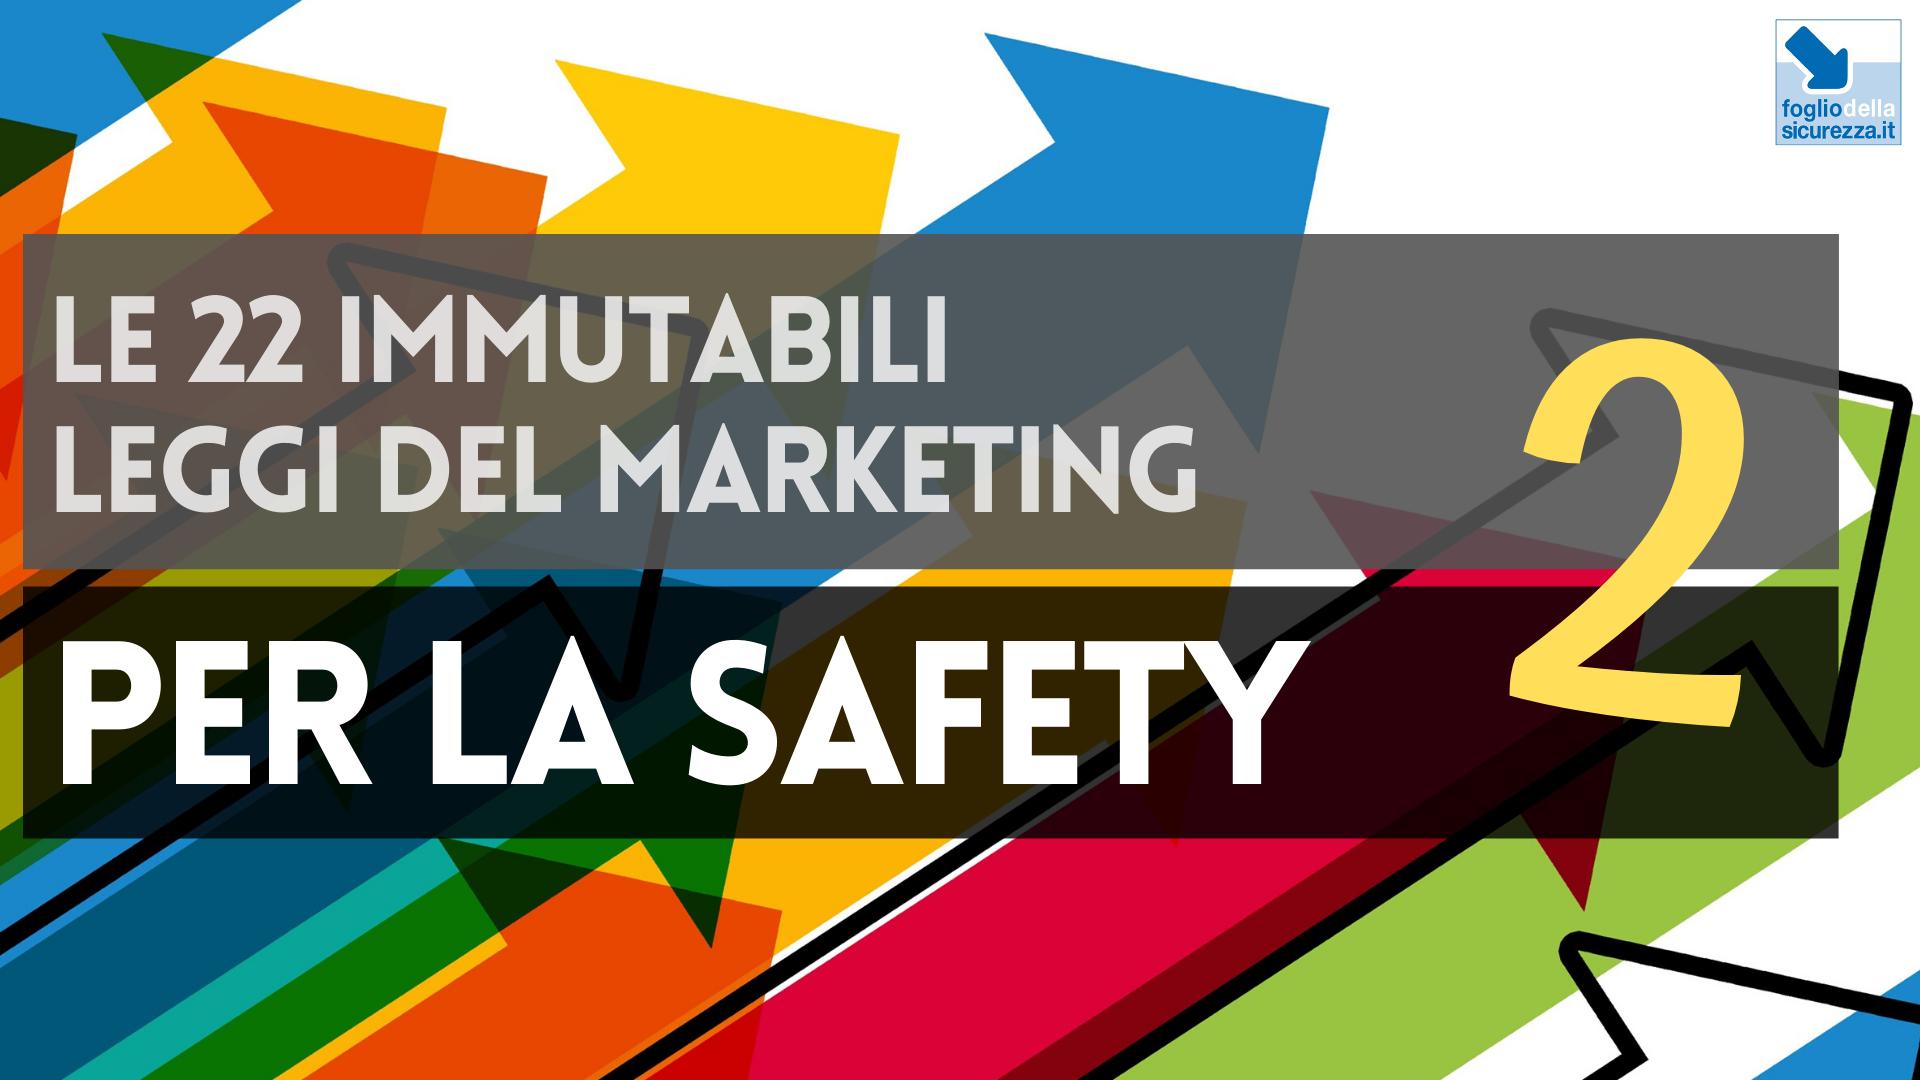 Le 22 immutabili leggi del marketing per la safety 02